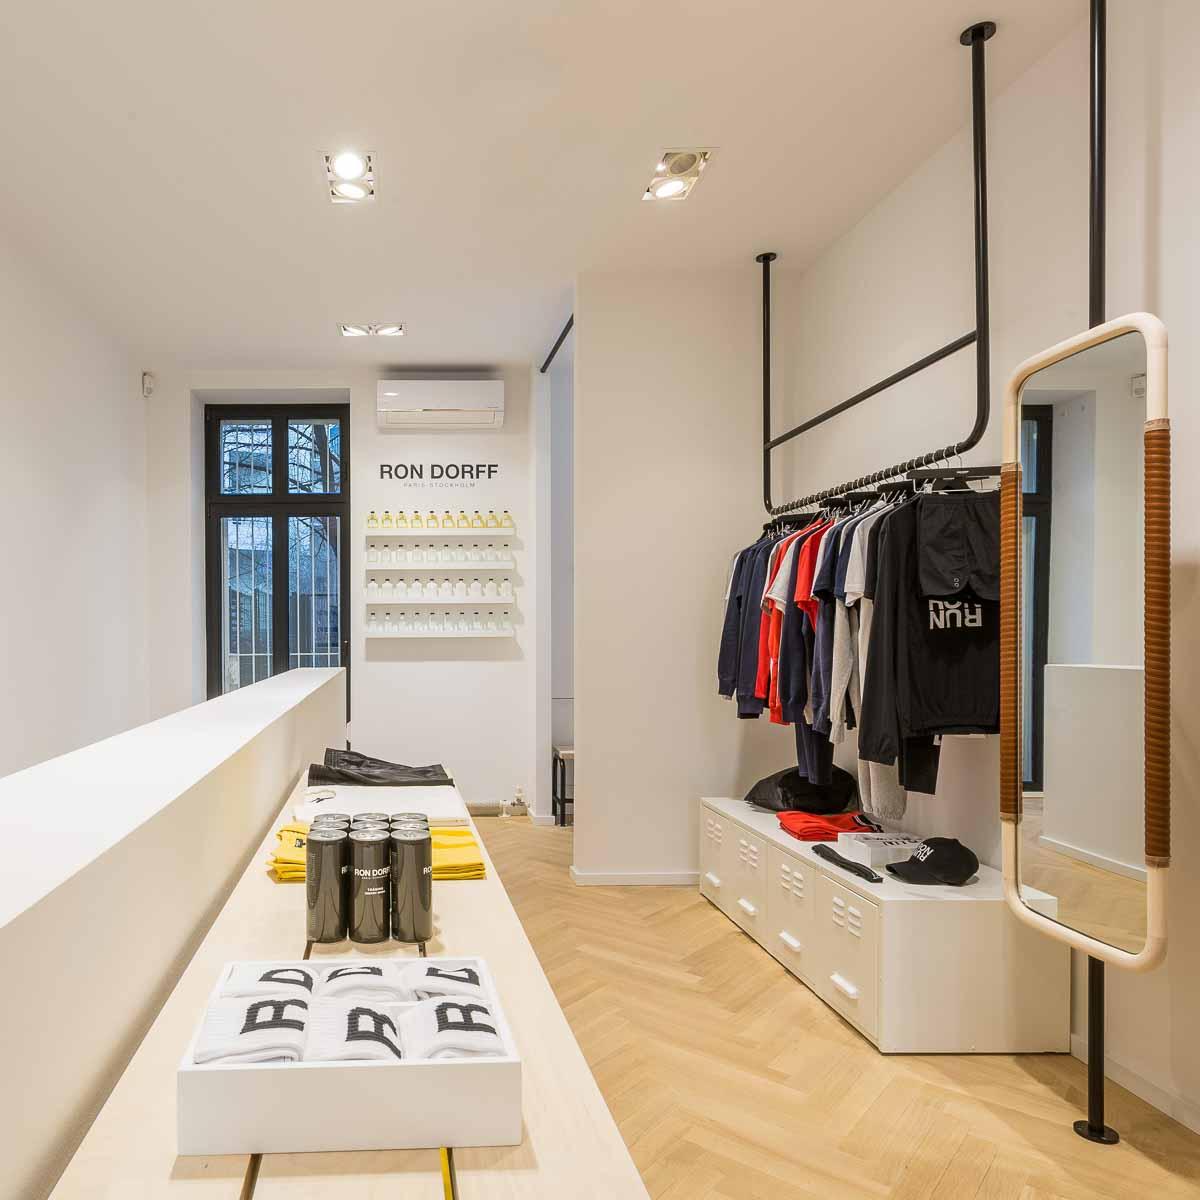 Ron Dorff Store Berlin-Mitte-5